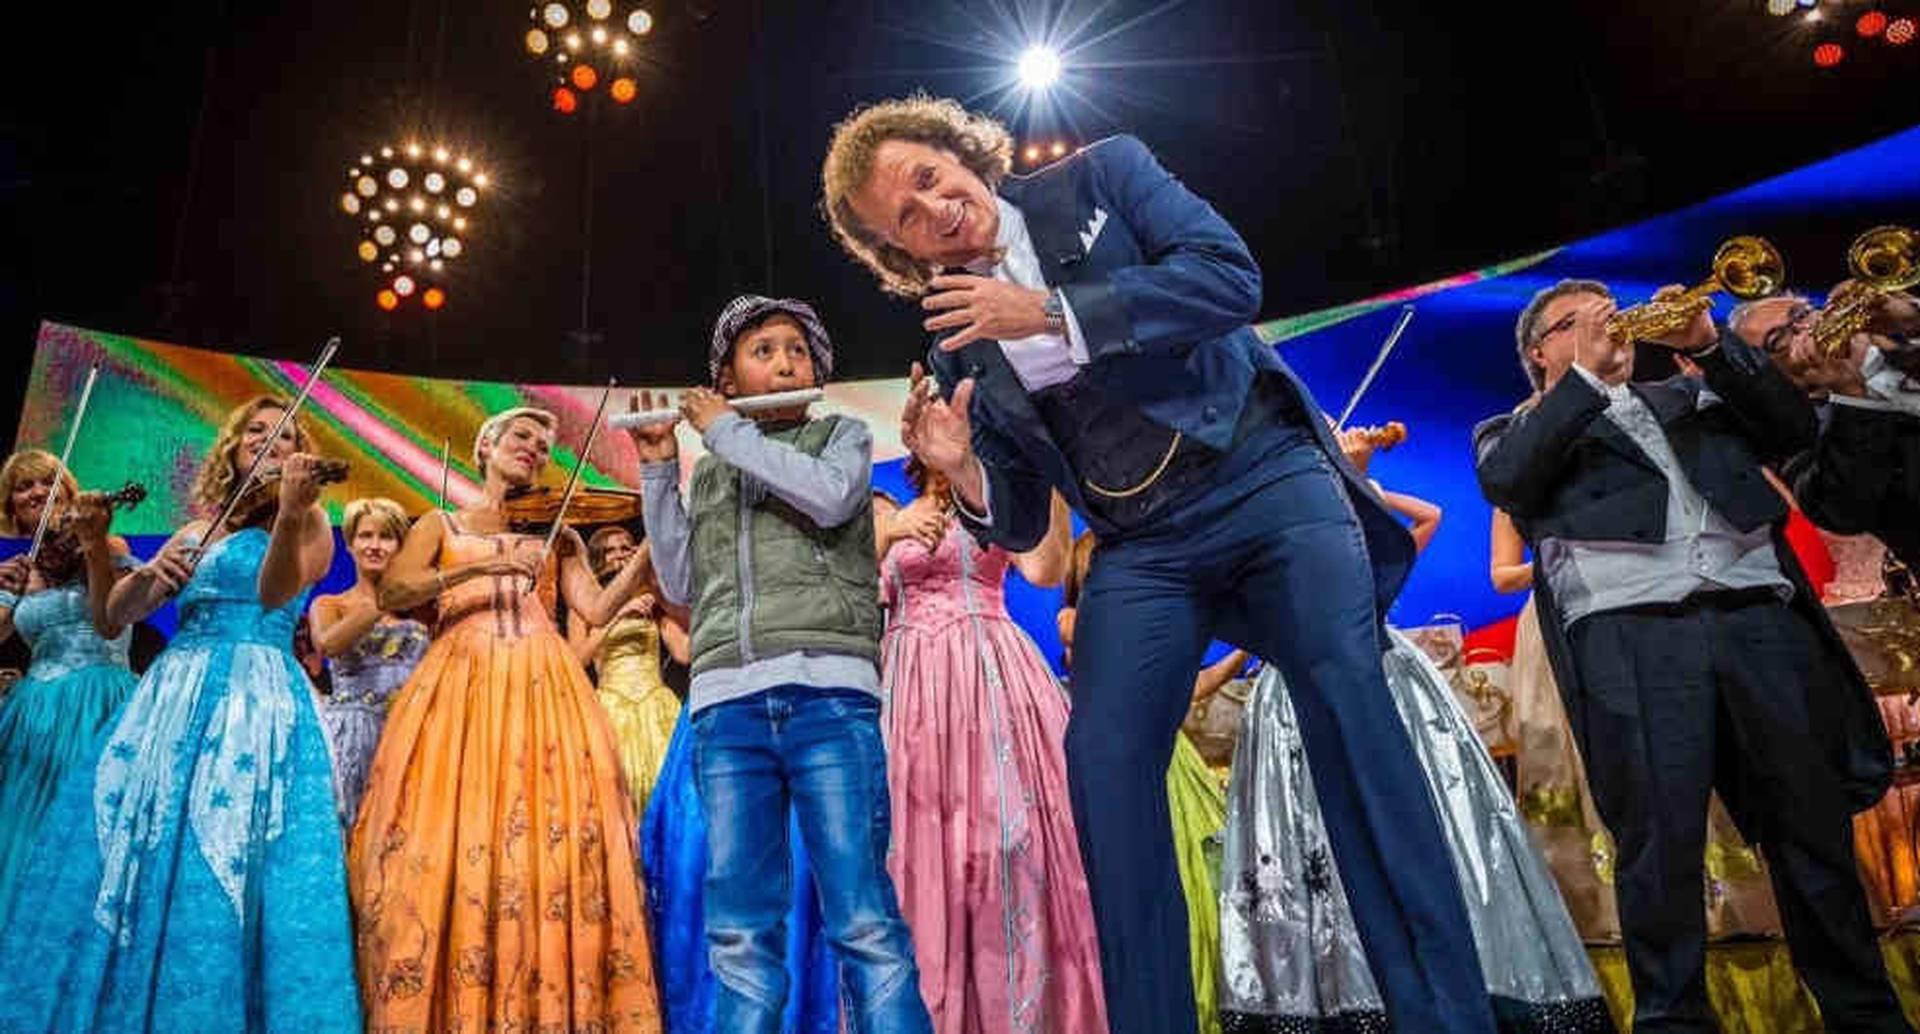 Daniel Alejandro interpretando Cielito Lindo junto al maestro André Rieu.